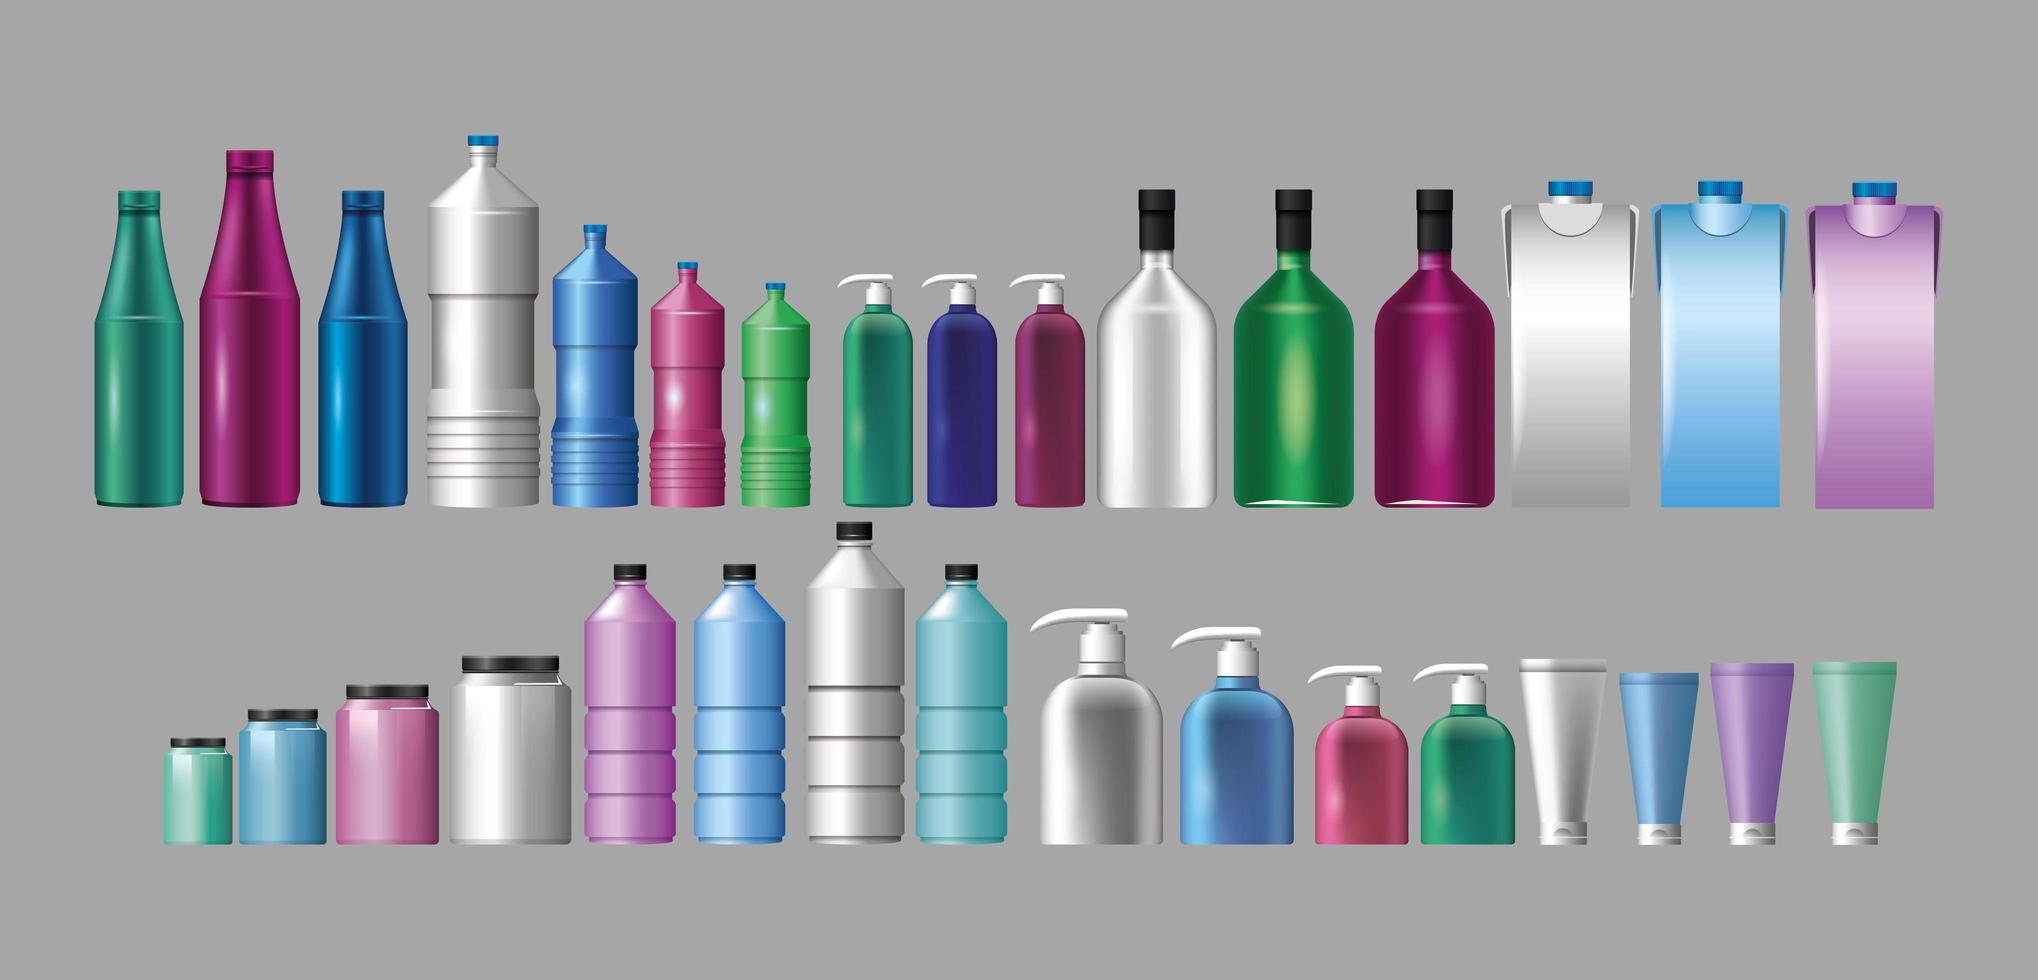 Satz von Materialien und Stilen Flaschen Produkte vektor